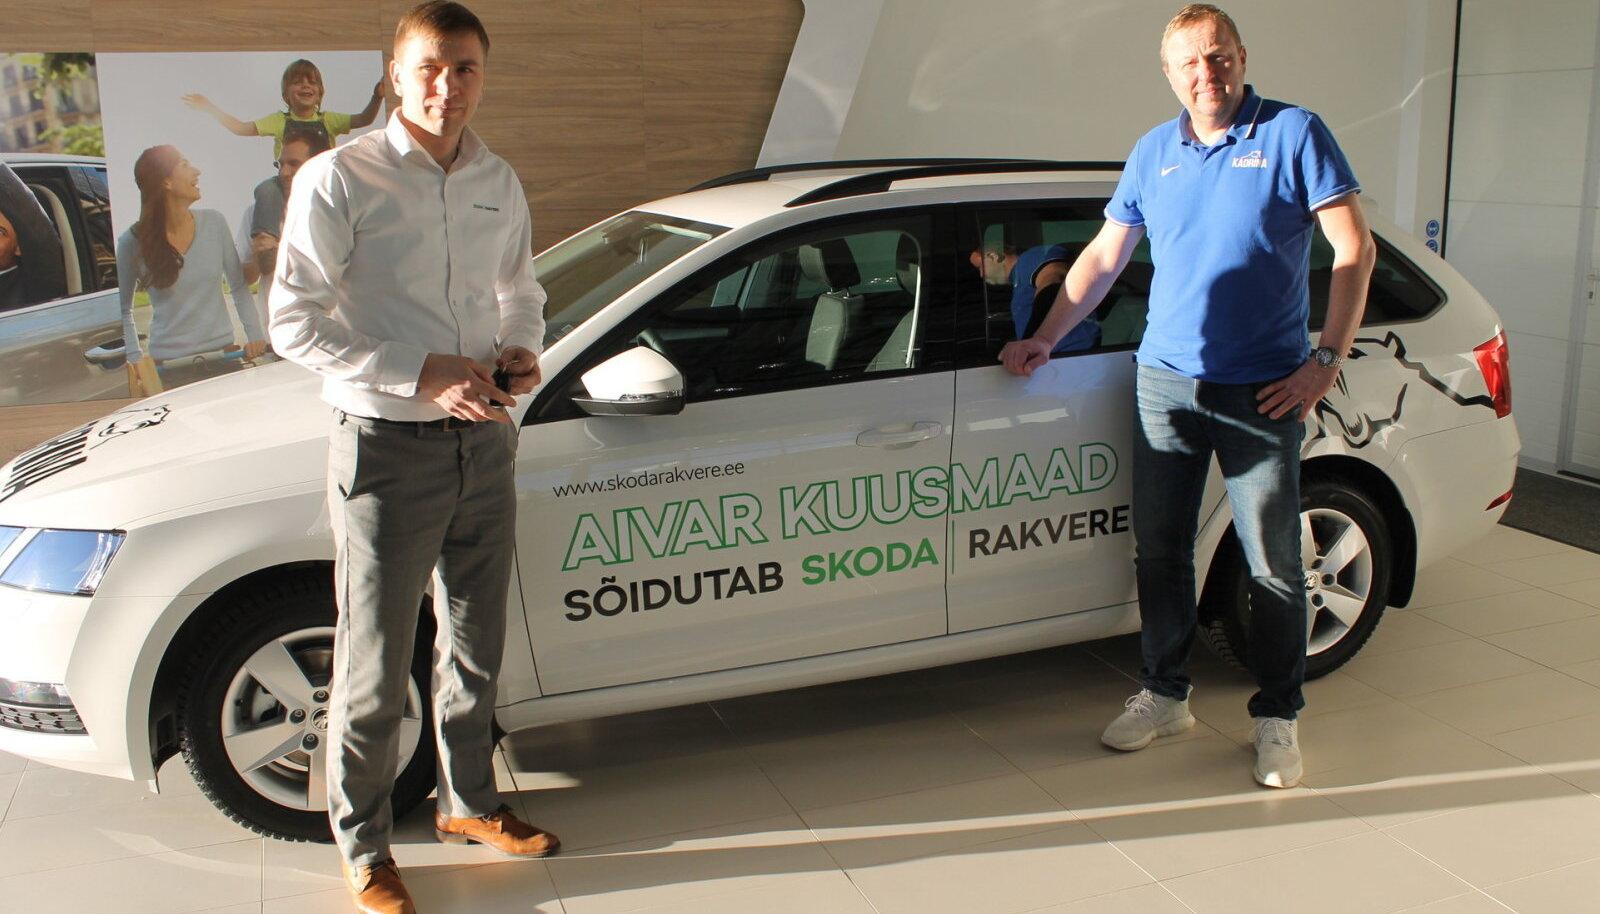 Aivar Kuusmaa sponsorautoga